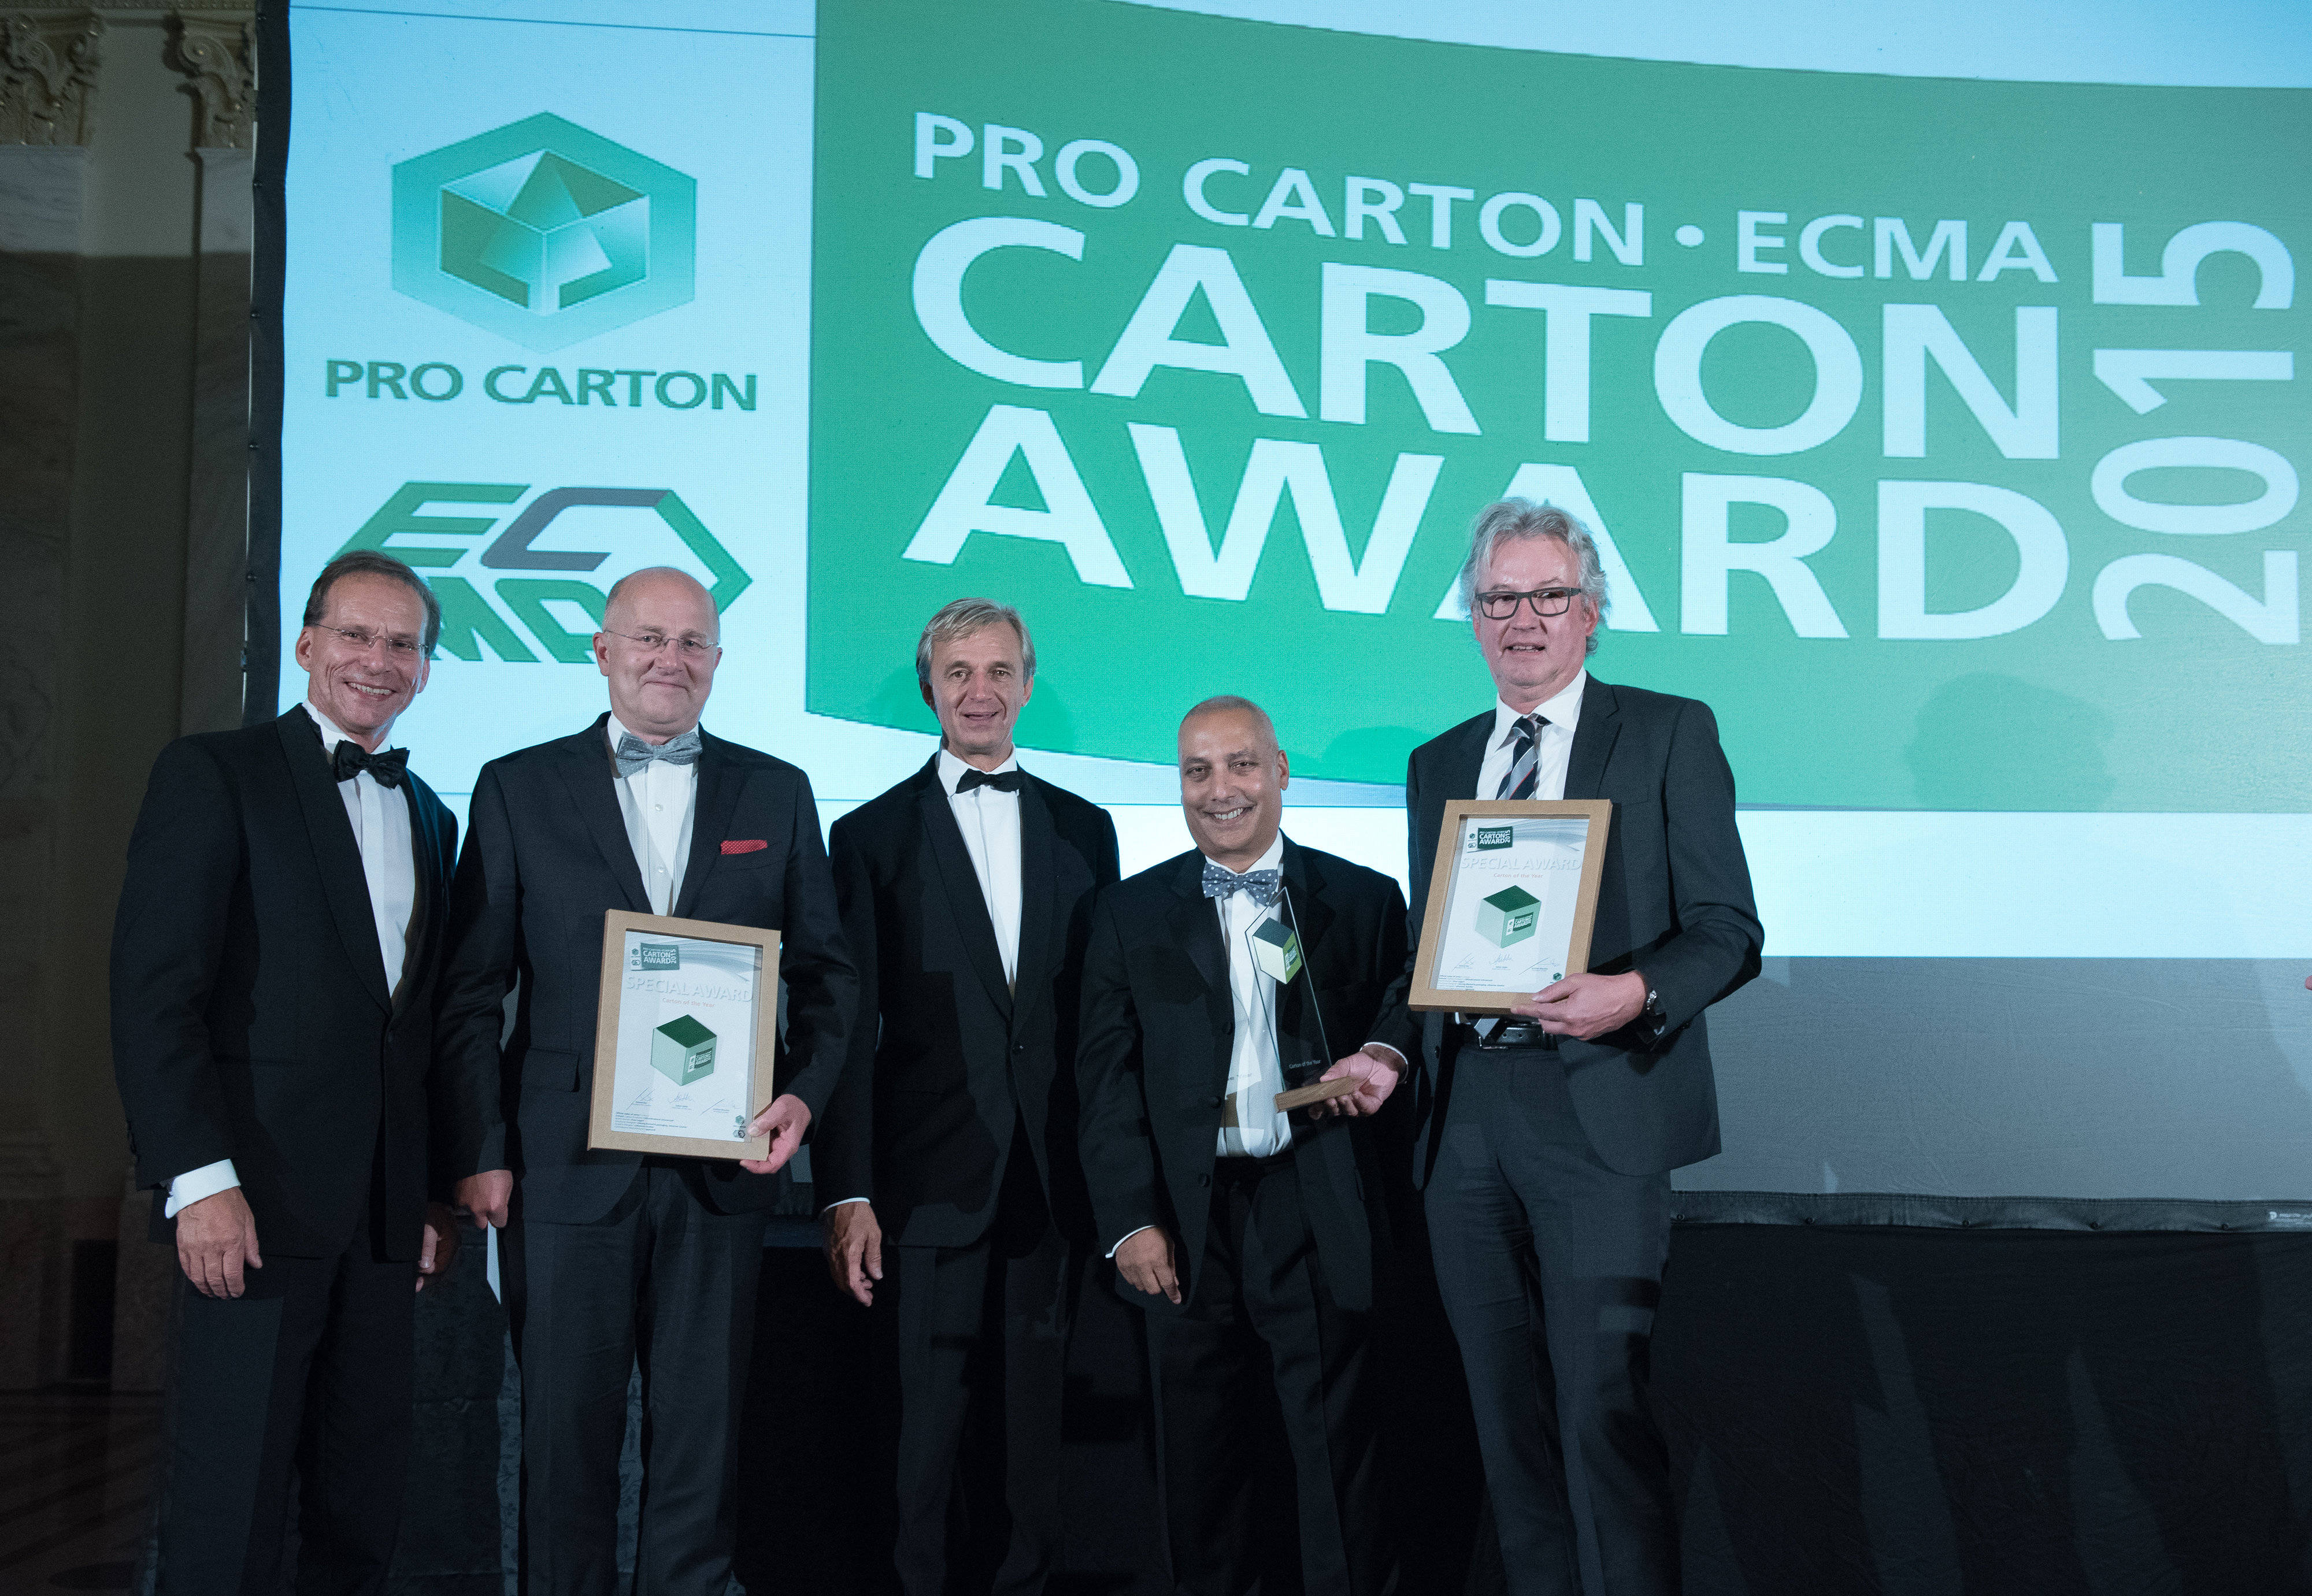 Pro Carton ECMA Award Gala 2015 45